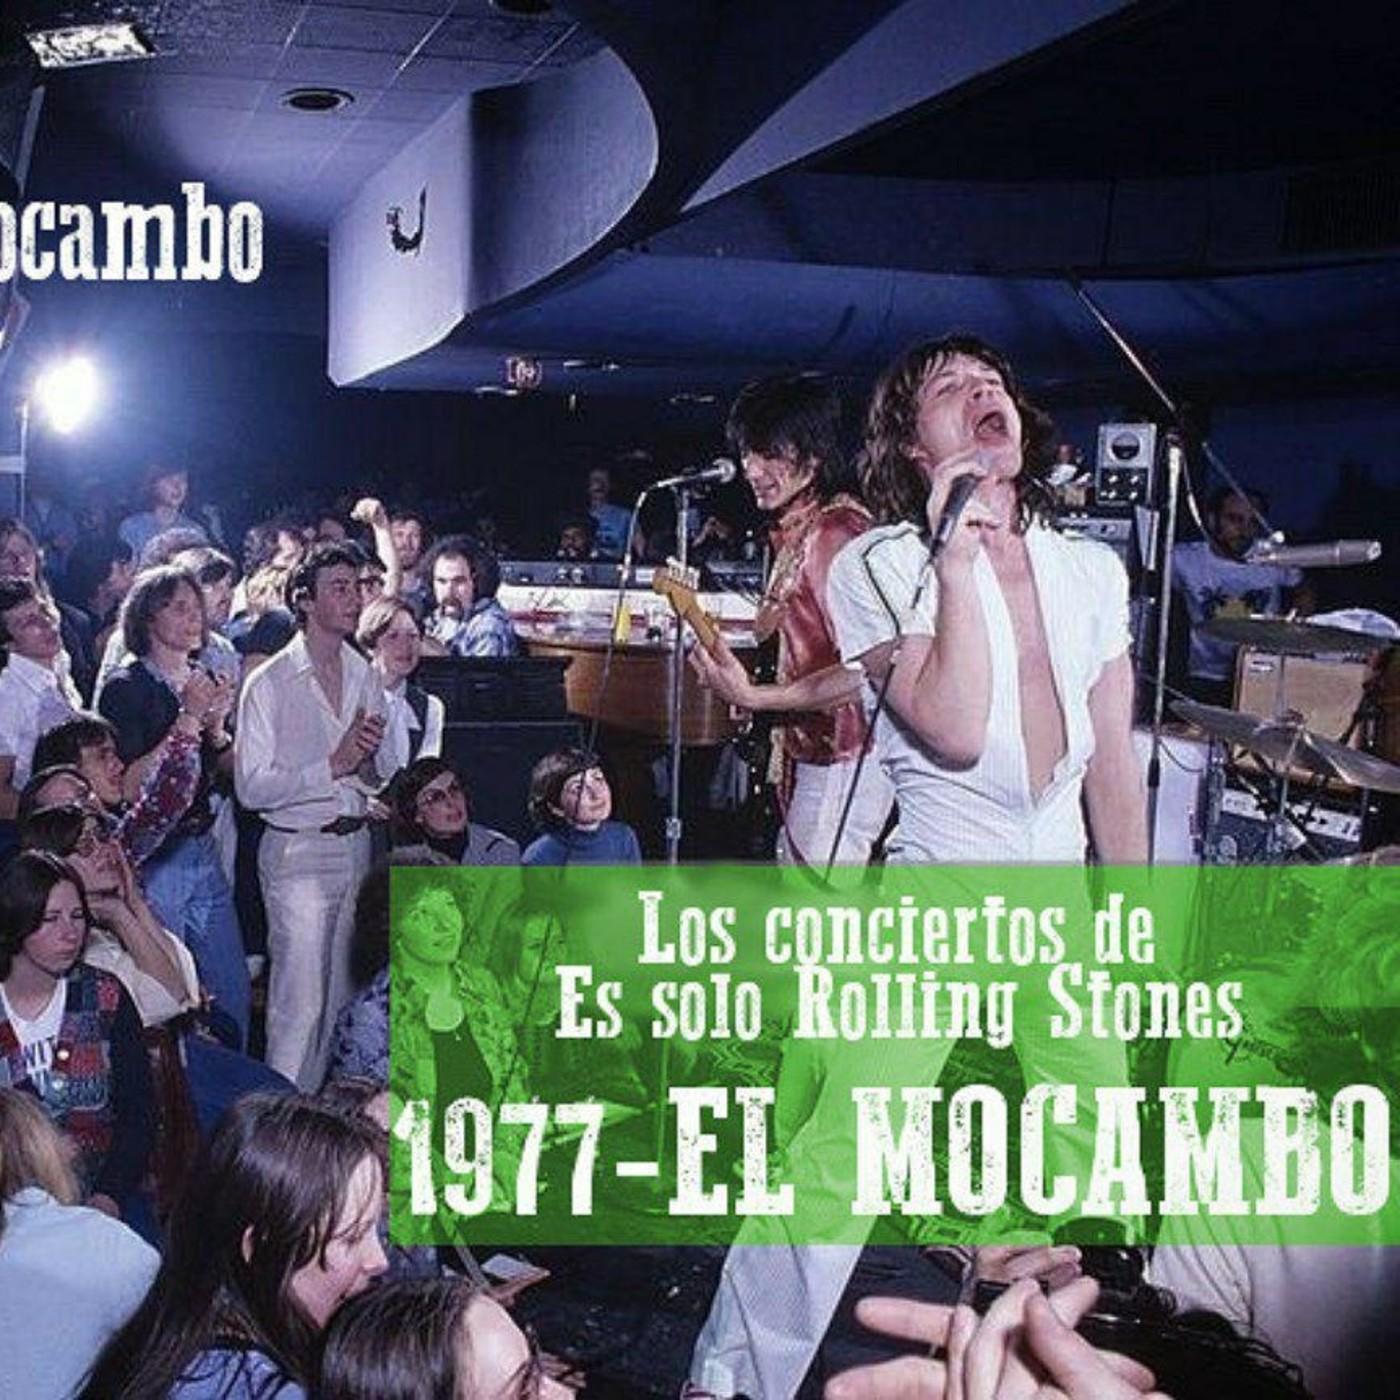 EL MOCAMBO 1977 - Los conciertos de Es solo Rolling Stones